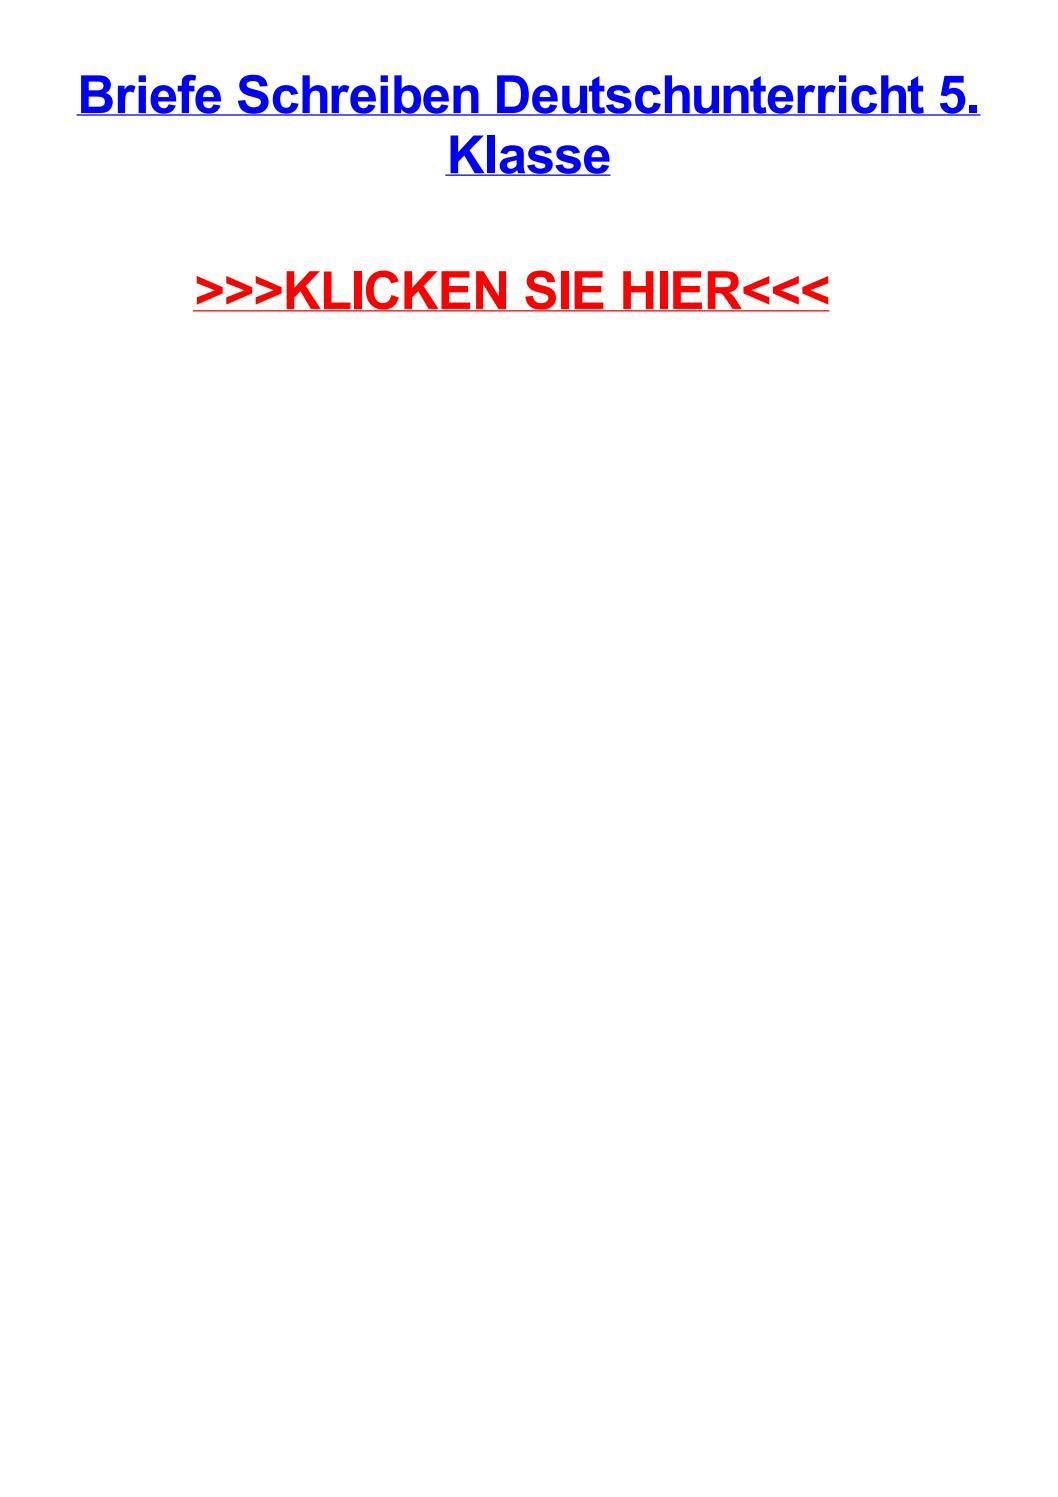 Briefe Schreiben Deutschunterricht 5 Klasse By Jennifersnzn Issuu